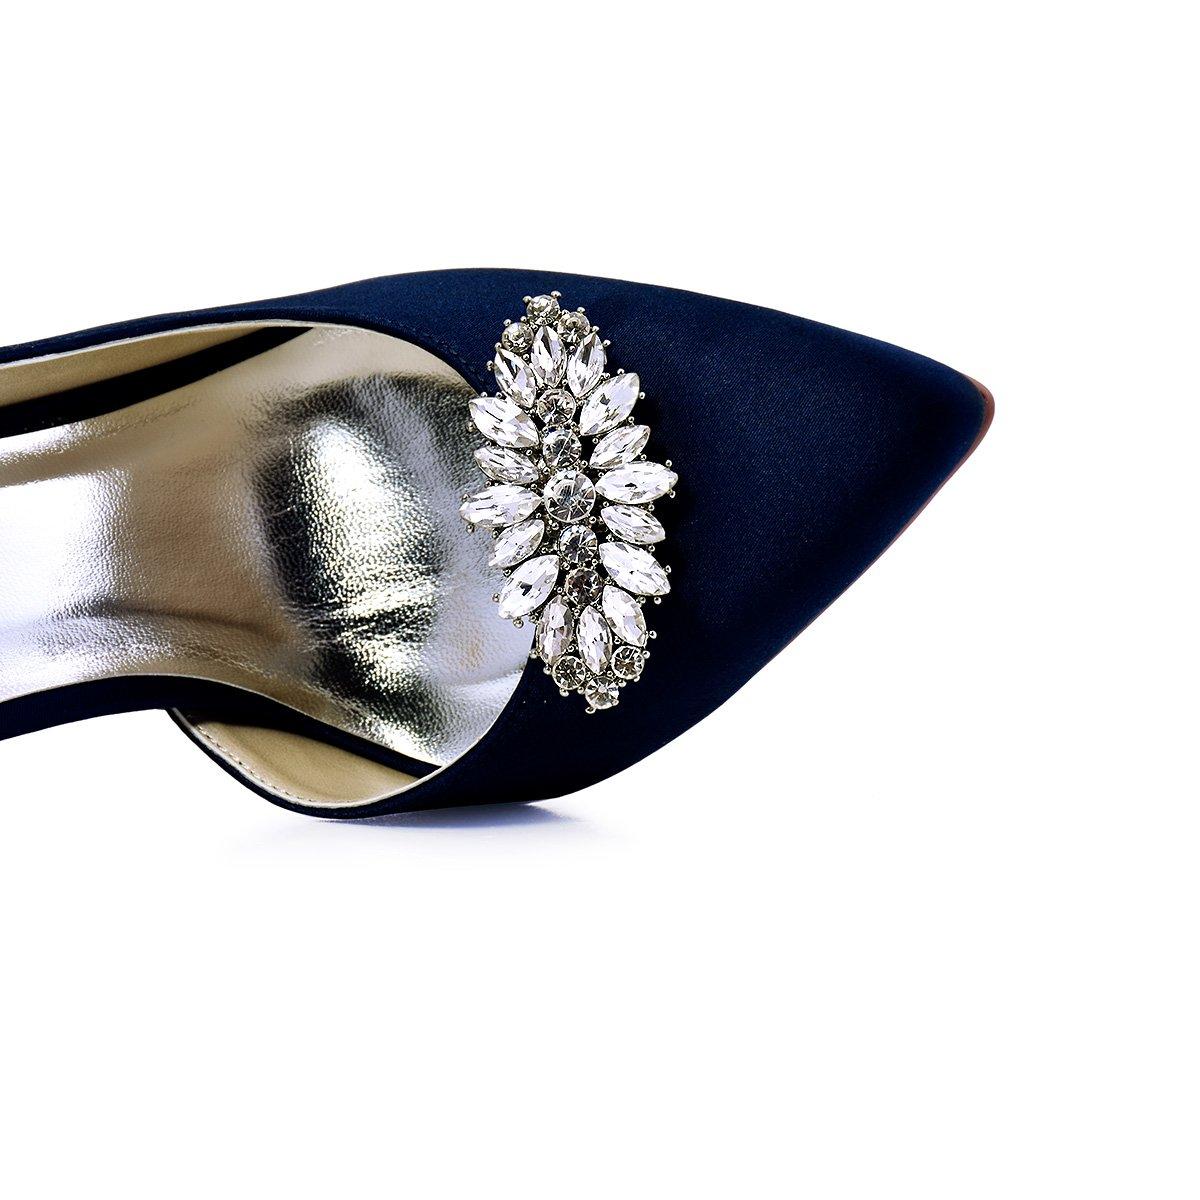 ElegantPark AW Women's Leaf Design Rhinestones Crystal Clutch Dress Hat Shoe Clips Silver 2 Pcs by ElegantPark (Image #6)